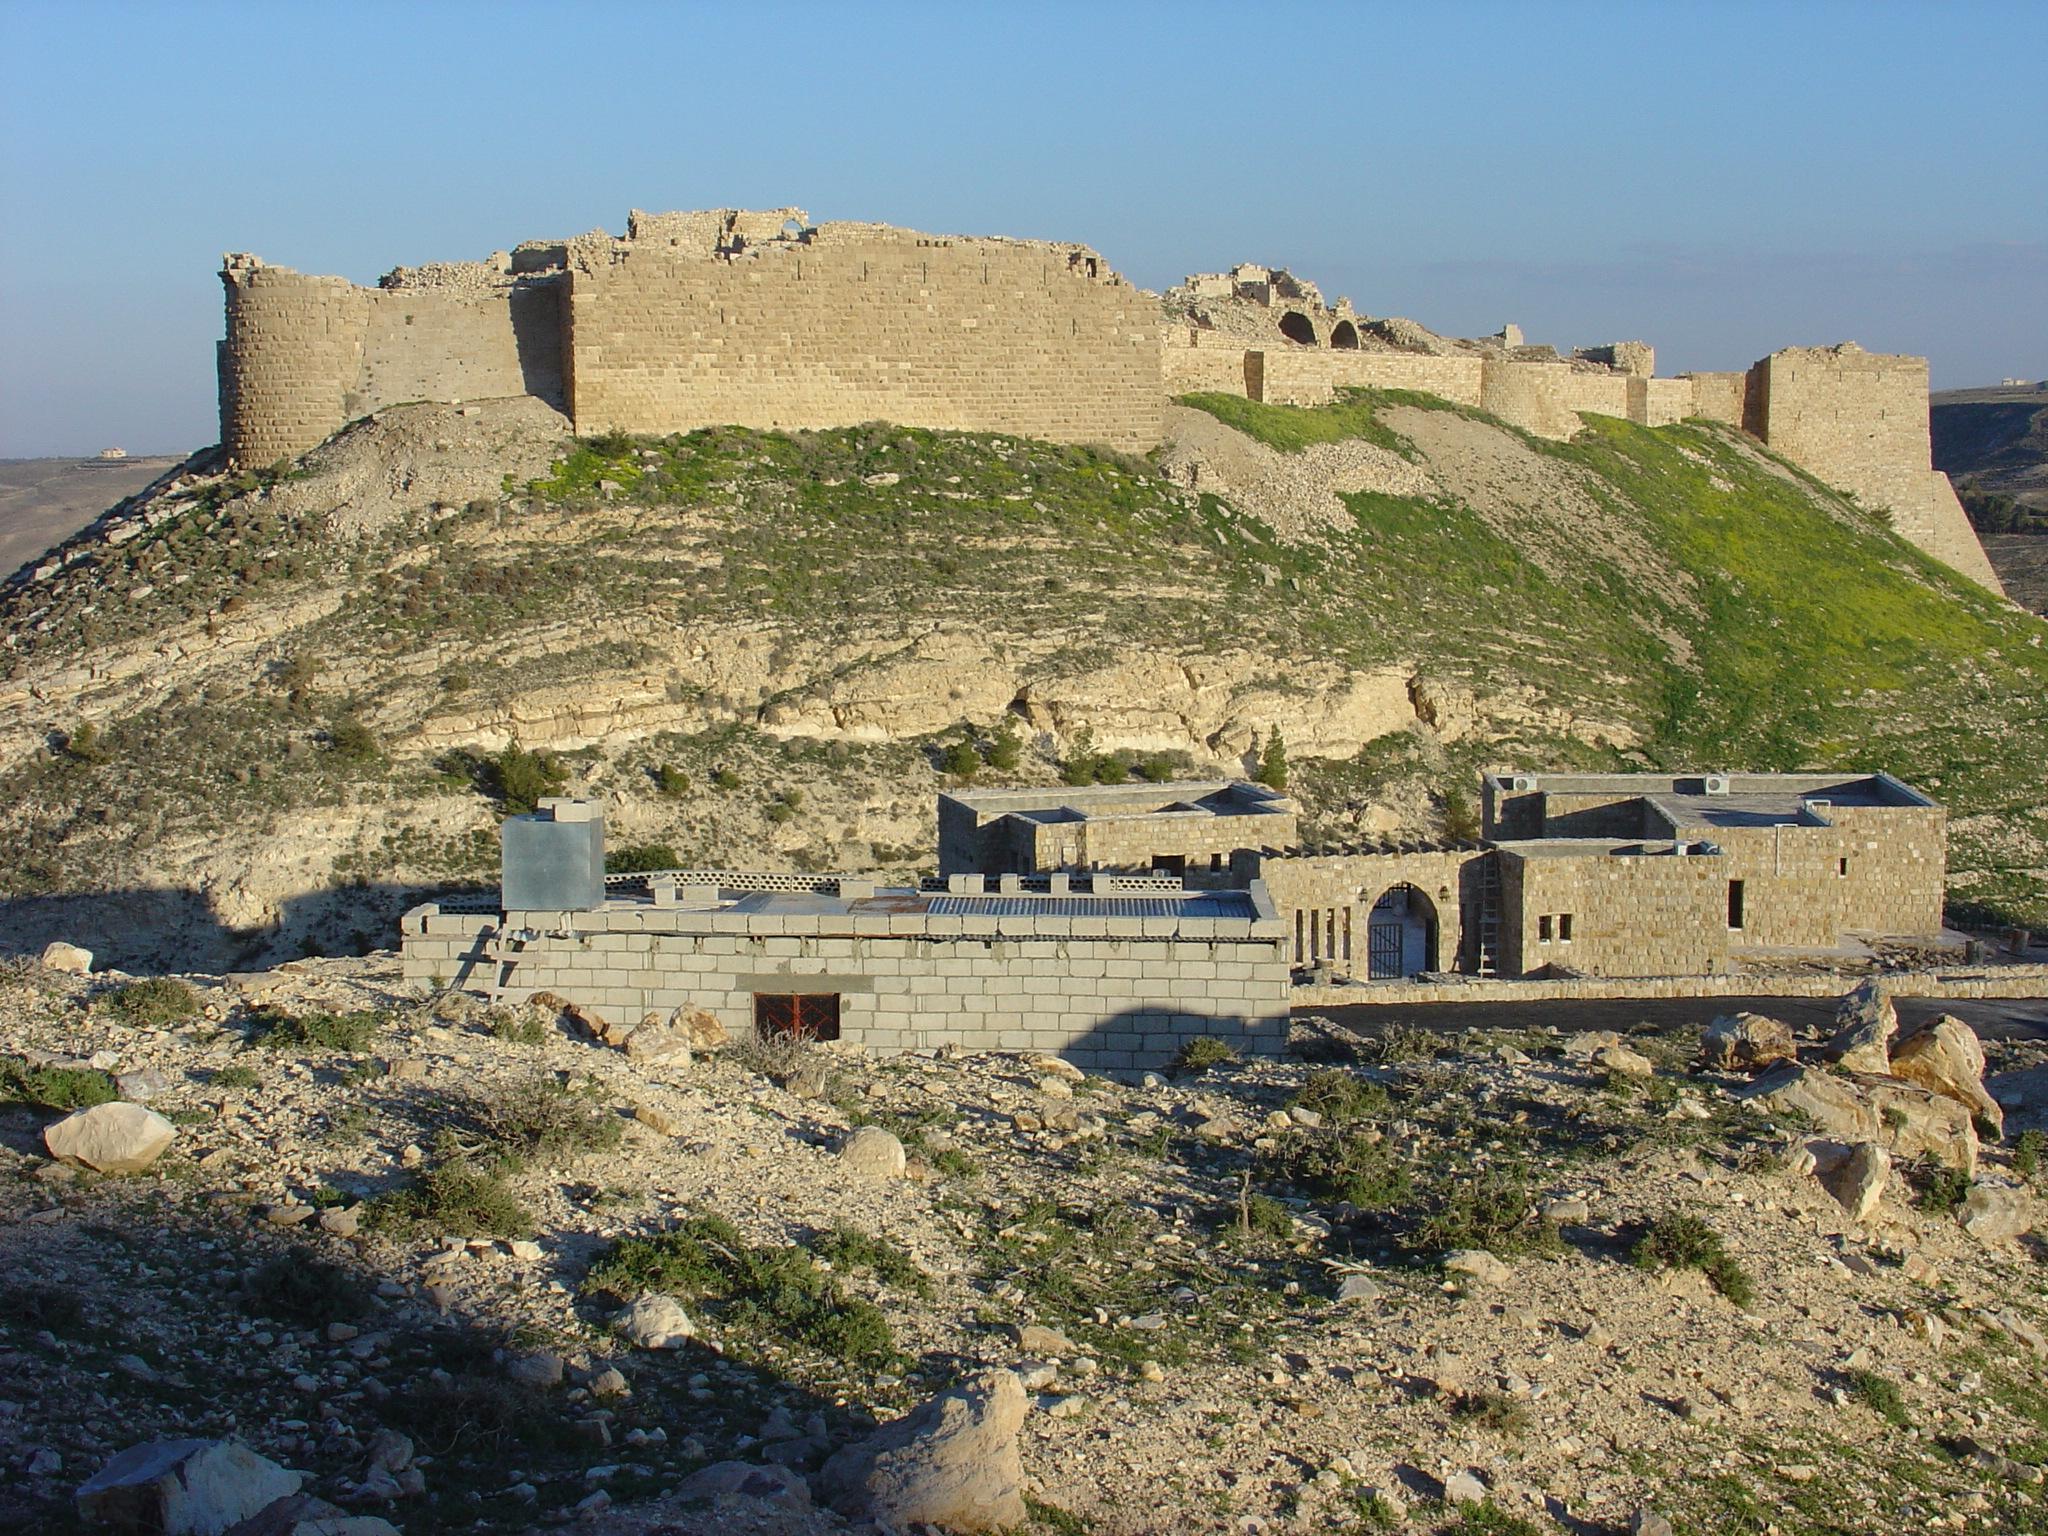 File:Jordanien Shobak.jpg - Wikimedia Commons